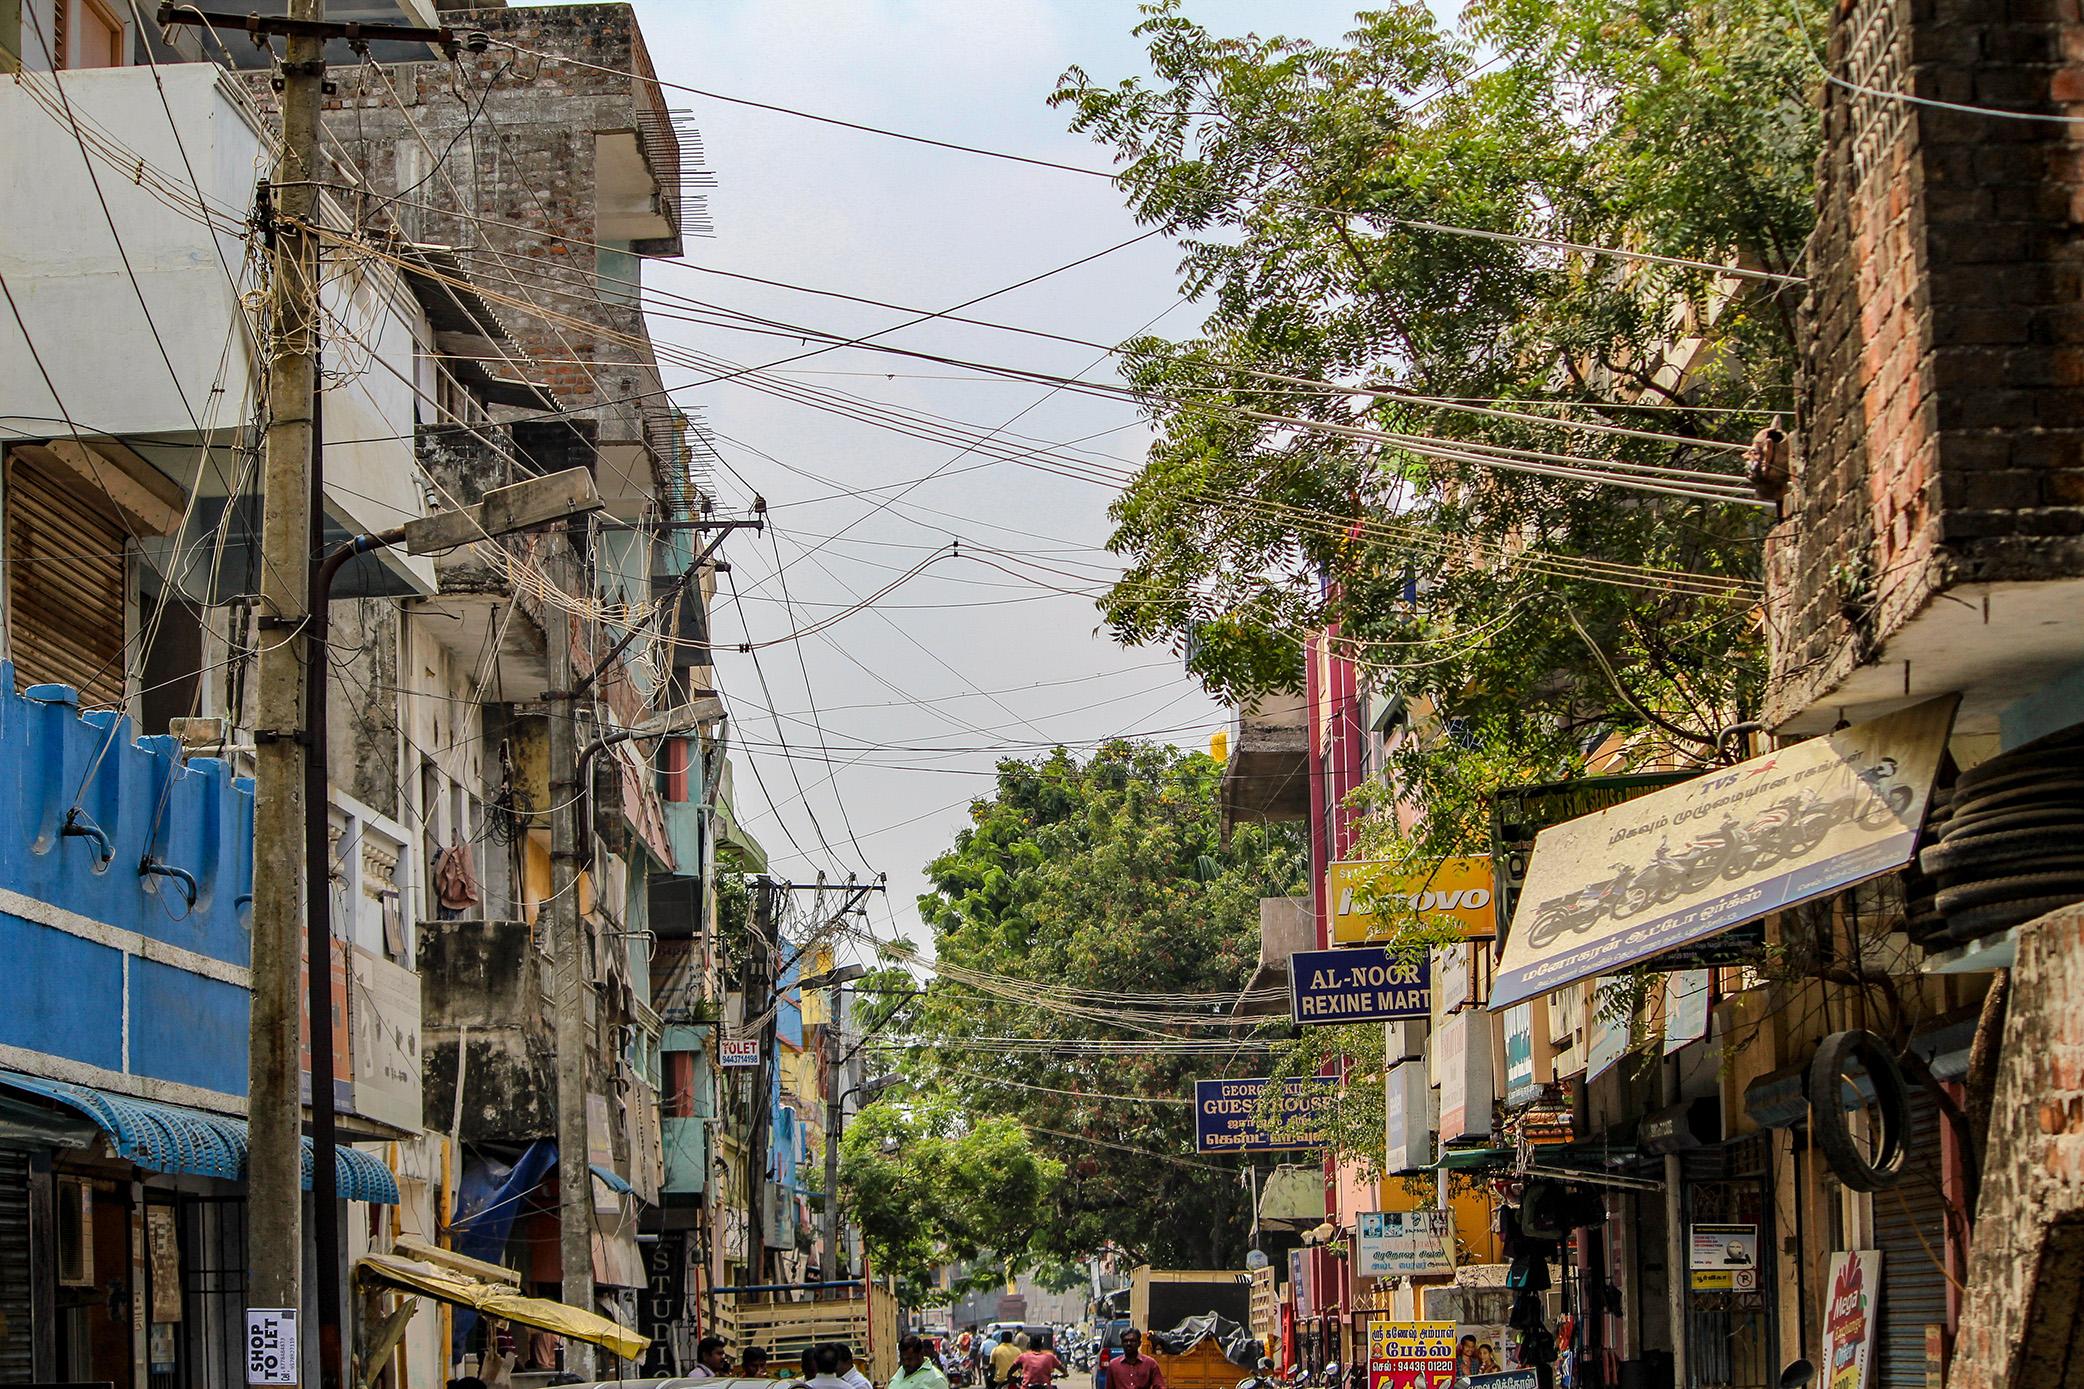 web mjesto za upoznavanja najbolje Indija izlazak s roditeljem samohranog oca